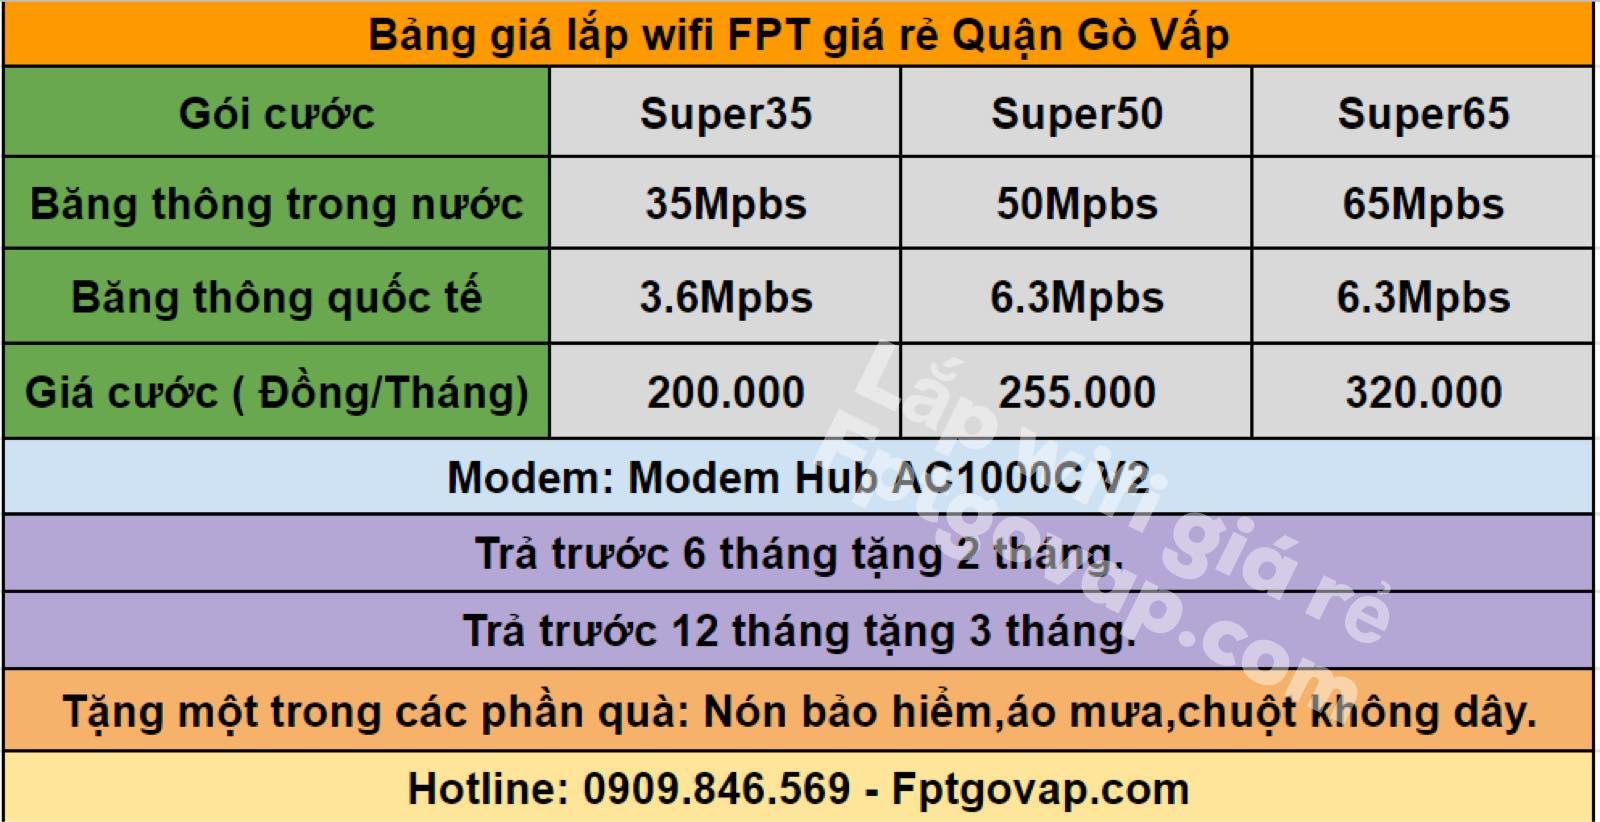 Bảng giá lắp mạng FPT Quận Gò Vấp tháng 06/2020.